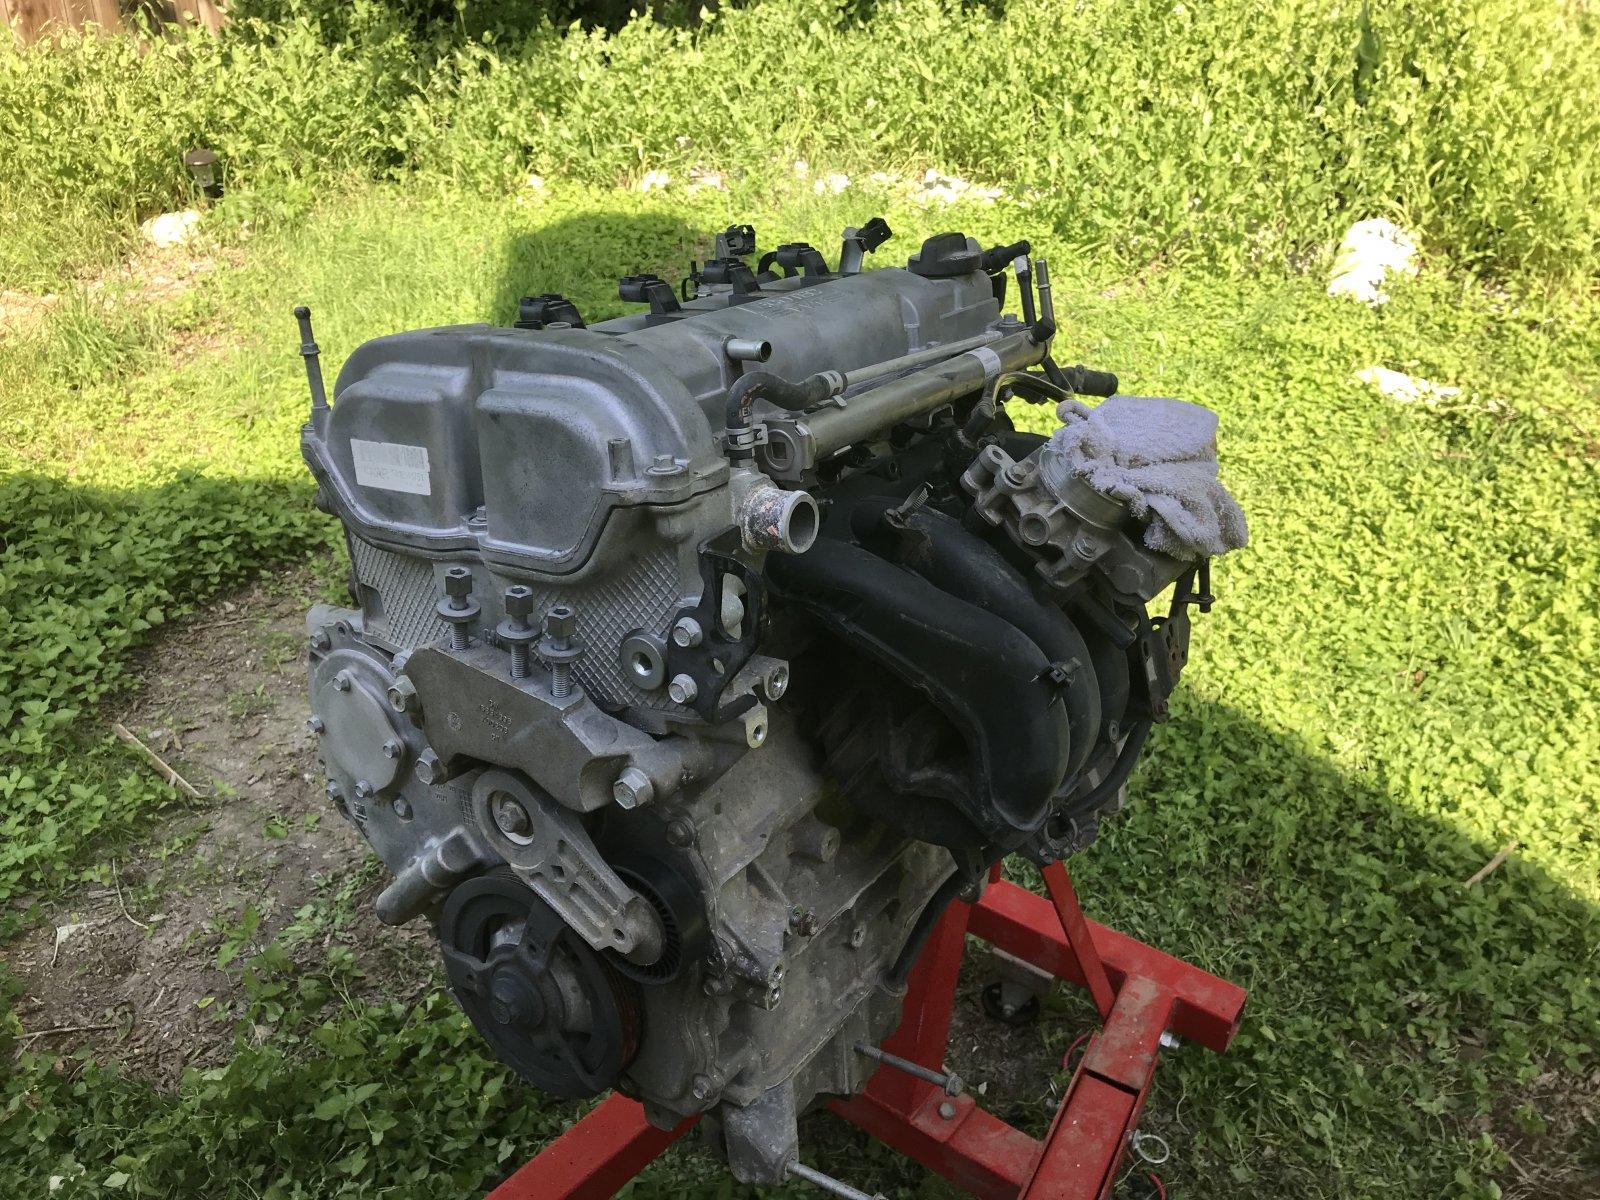 A24D8F06-E915-4583-B841-56ADF34F123B.jpeg